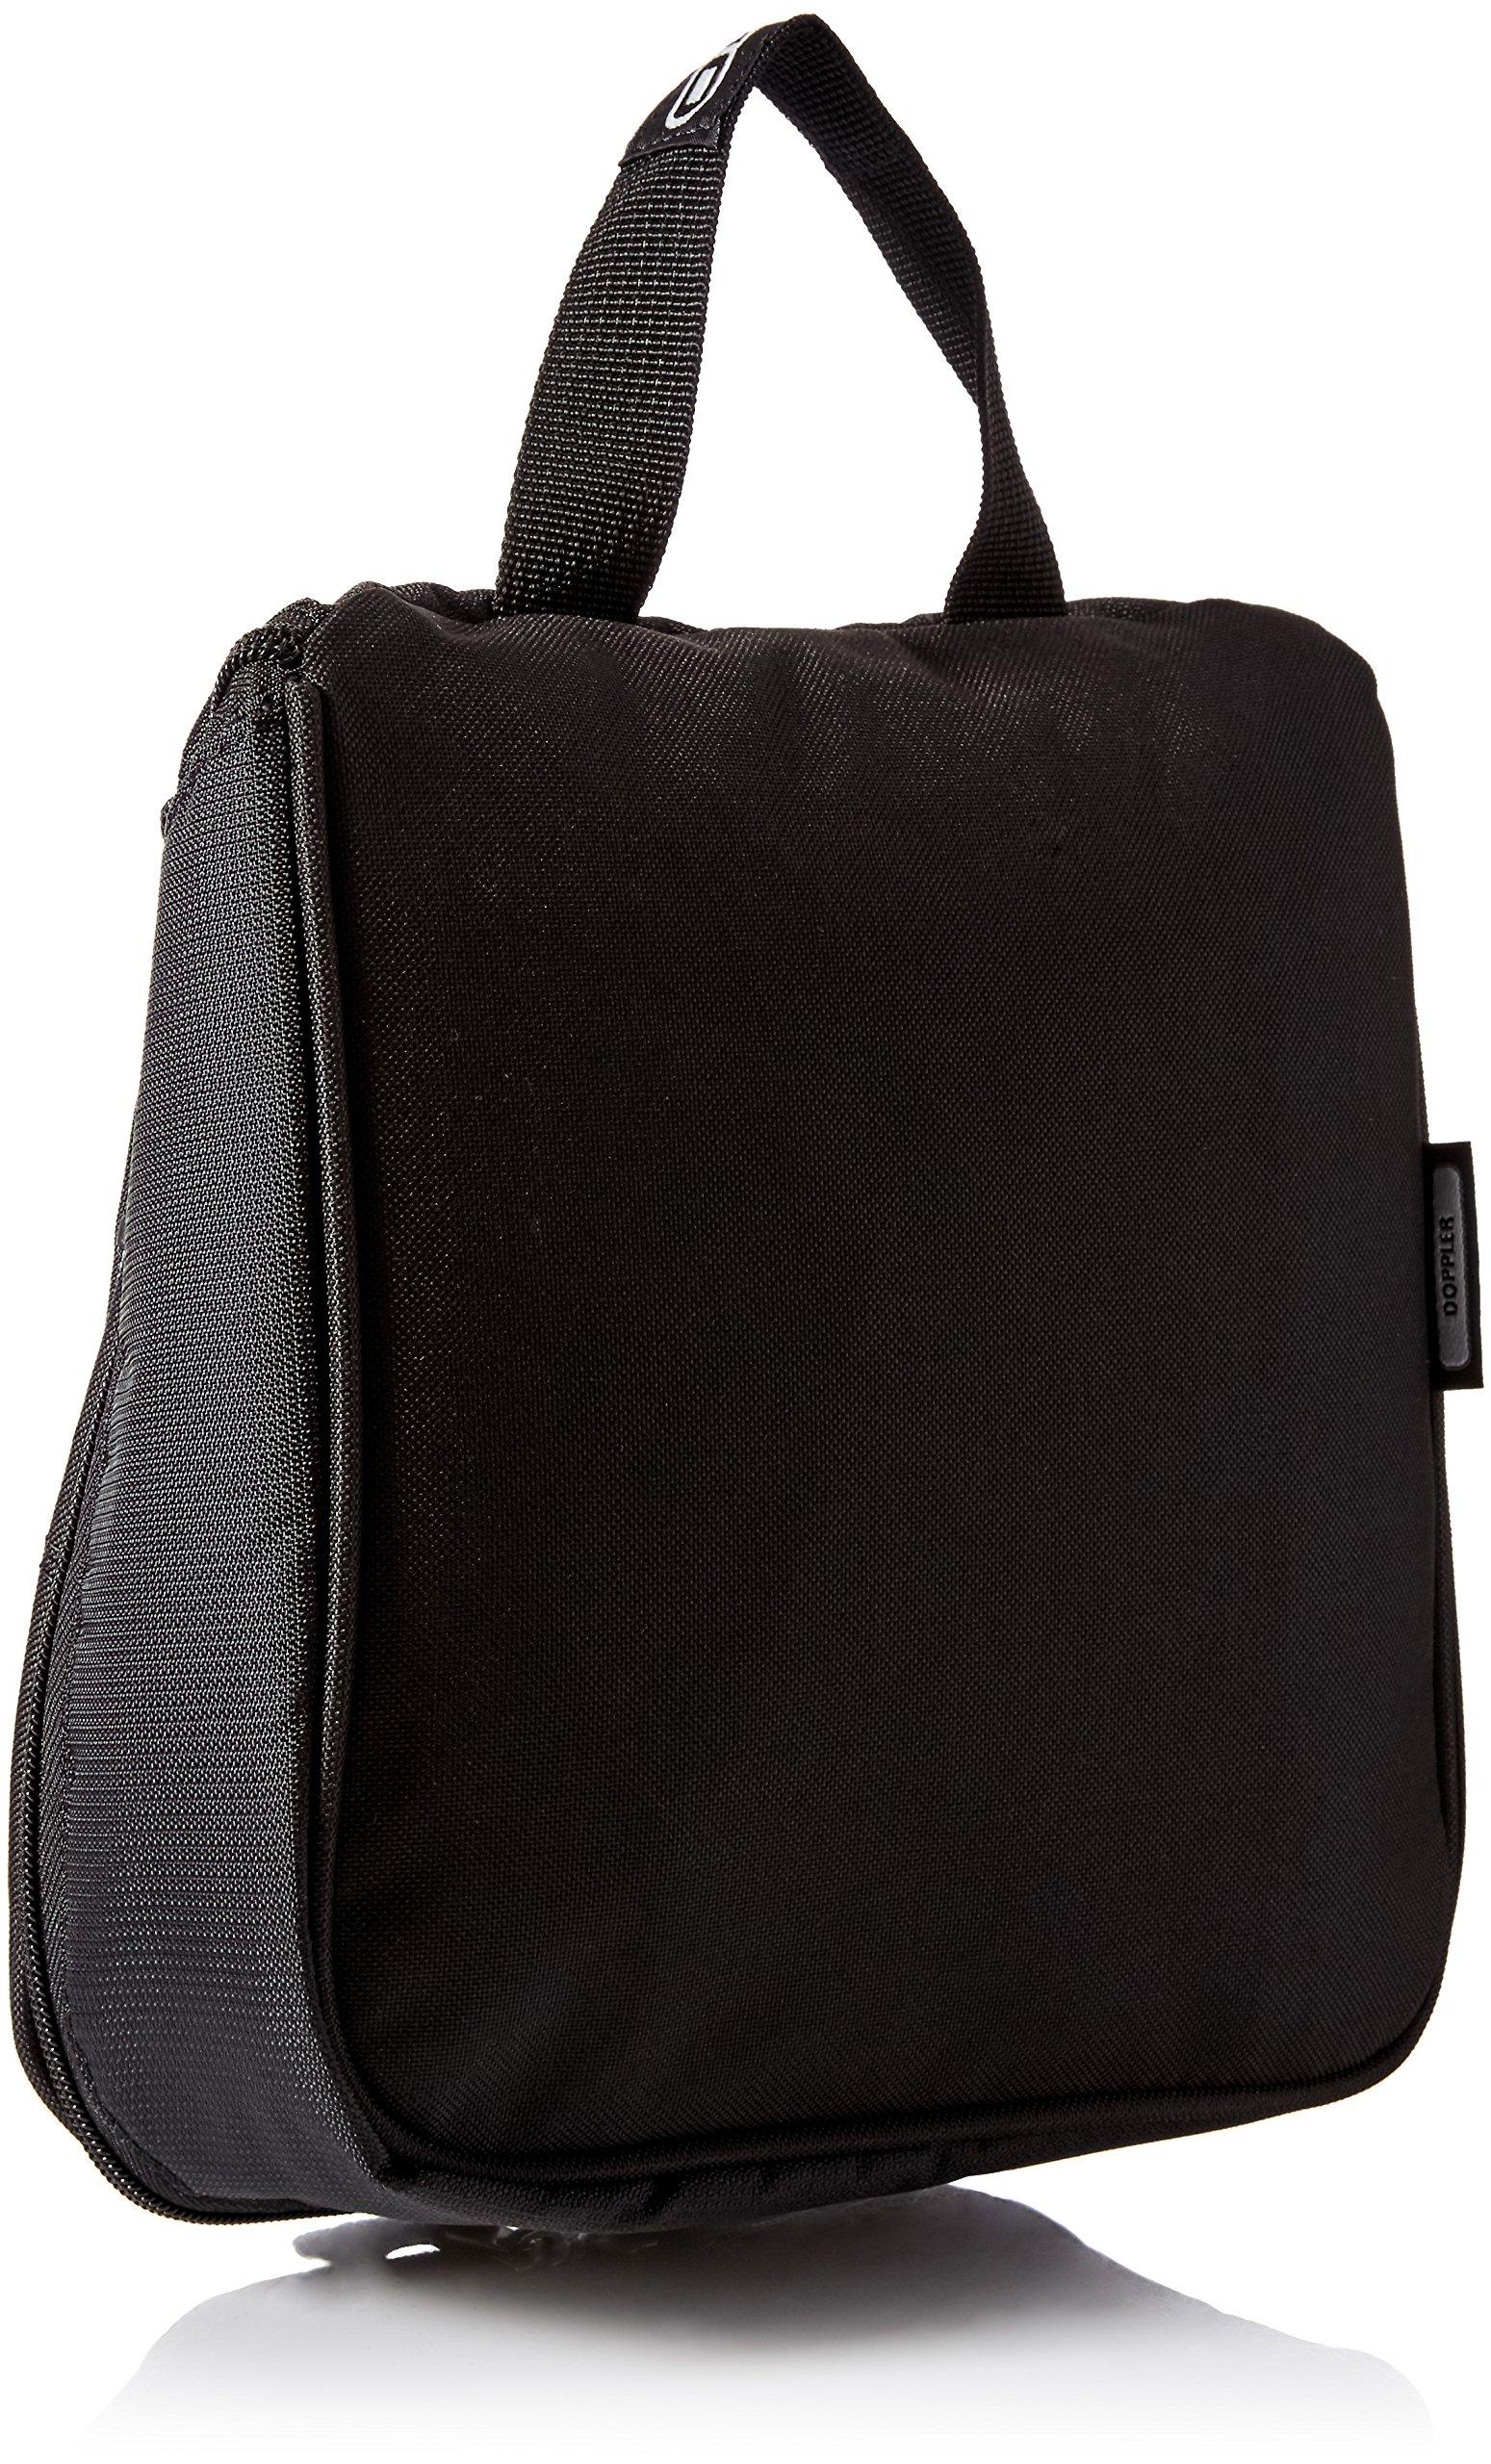 91oGbLO4%2BoL - OGIO Doppler Travel Kit, Black, 24 cm-4 Litre